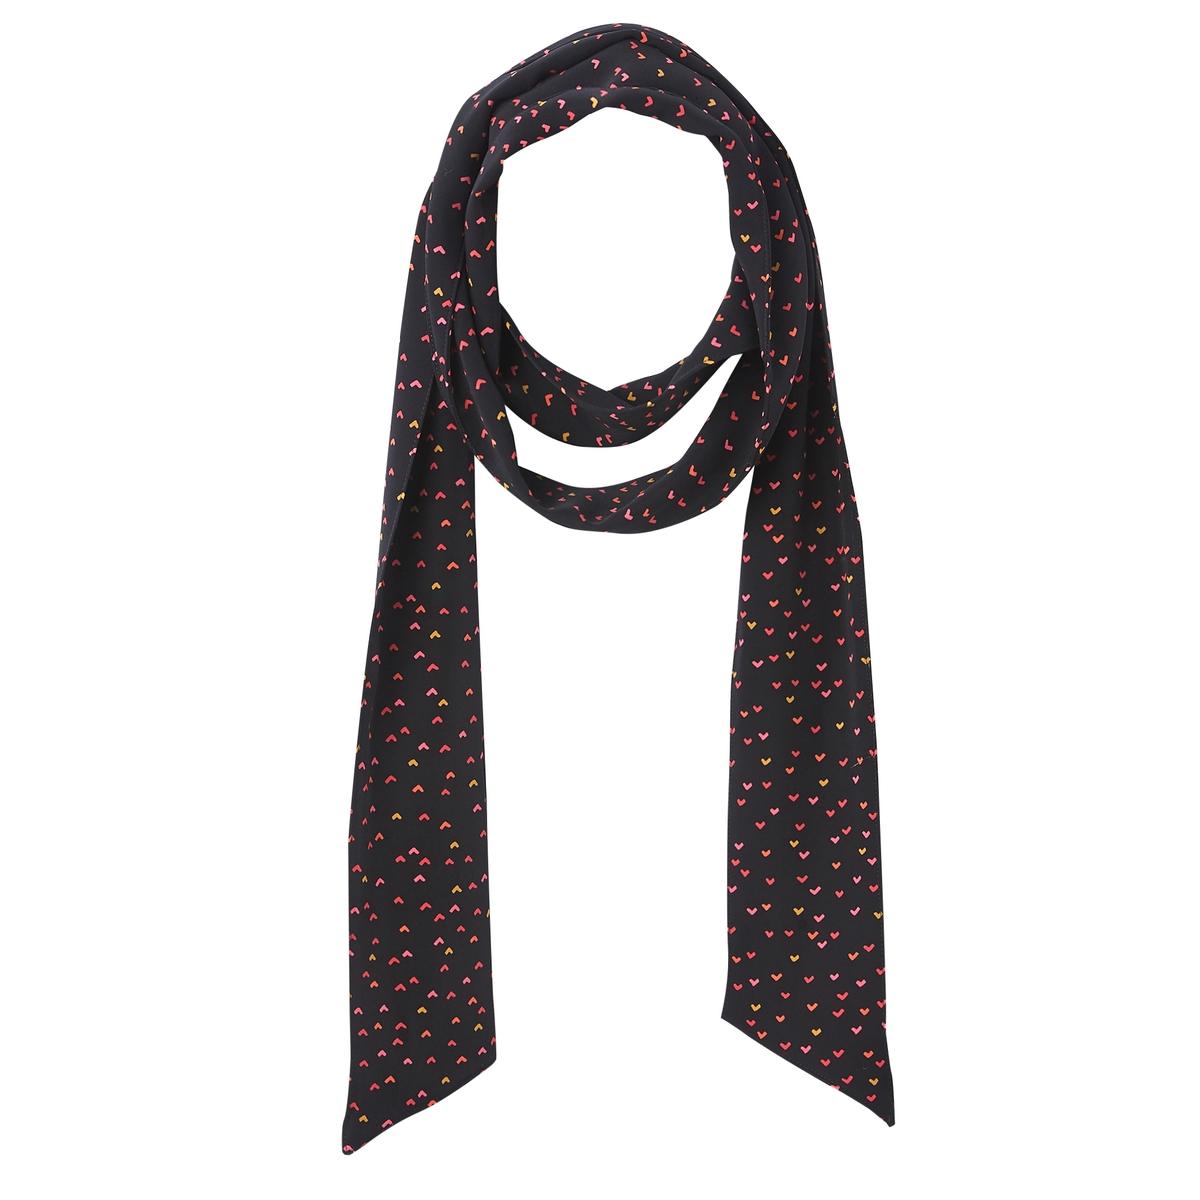 цена Платок-галстук La Redoute La Redoute UNI черный онлайн в 2017 году